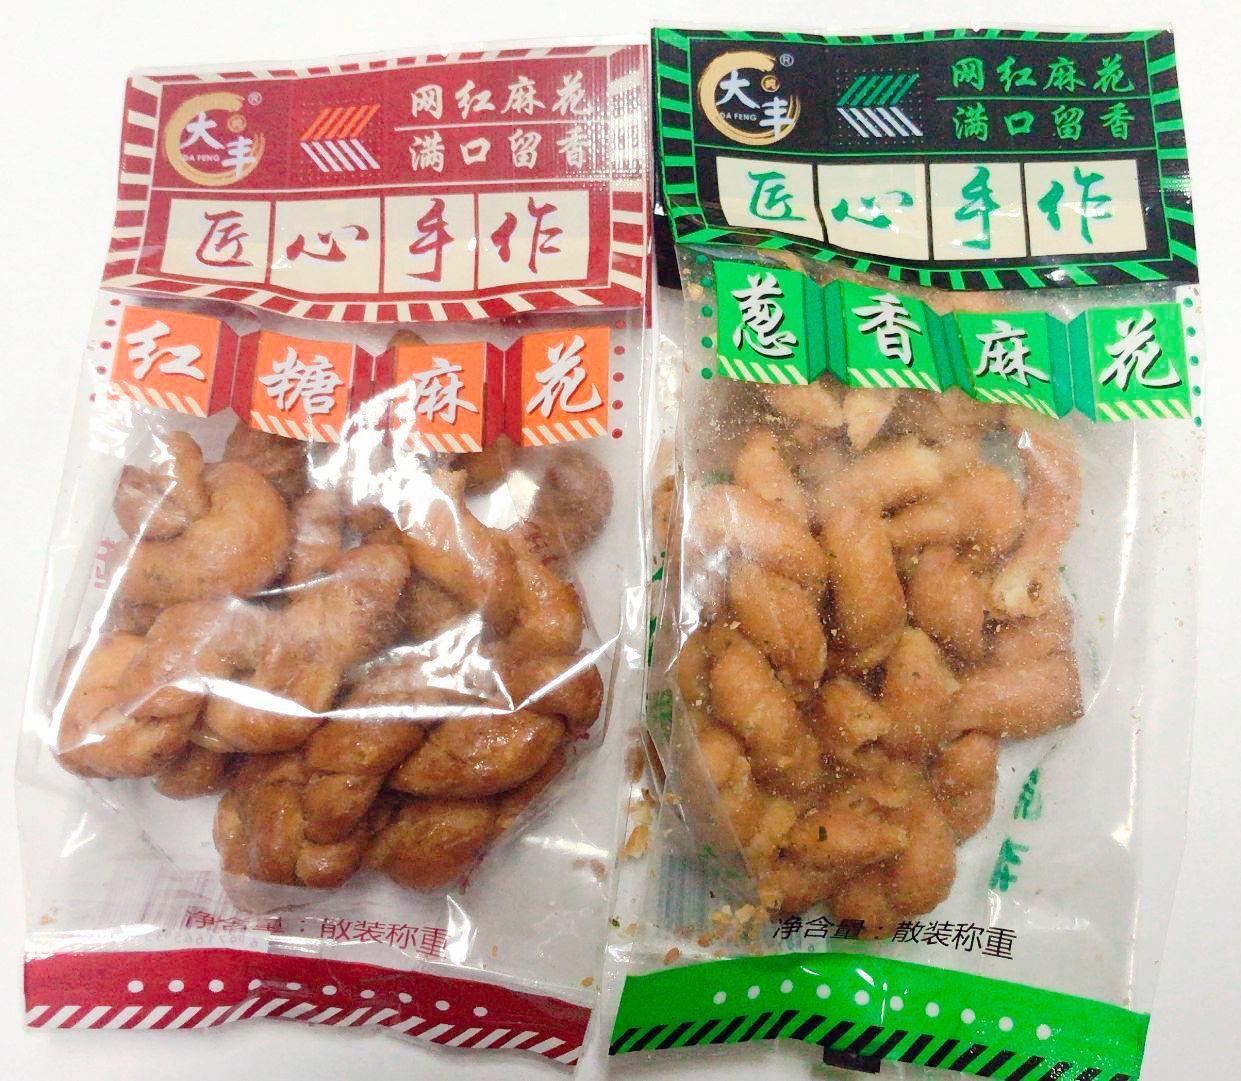 大丰麻花整箱4斤油赞子香葱红糖蛋黄味独立小包装宁波特产小零食